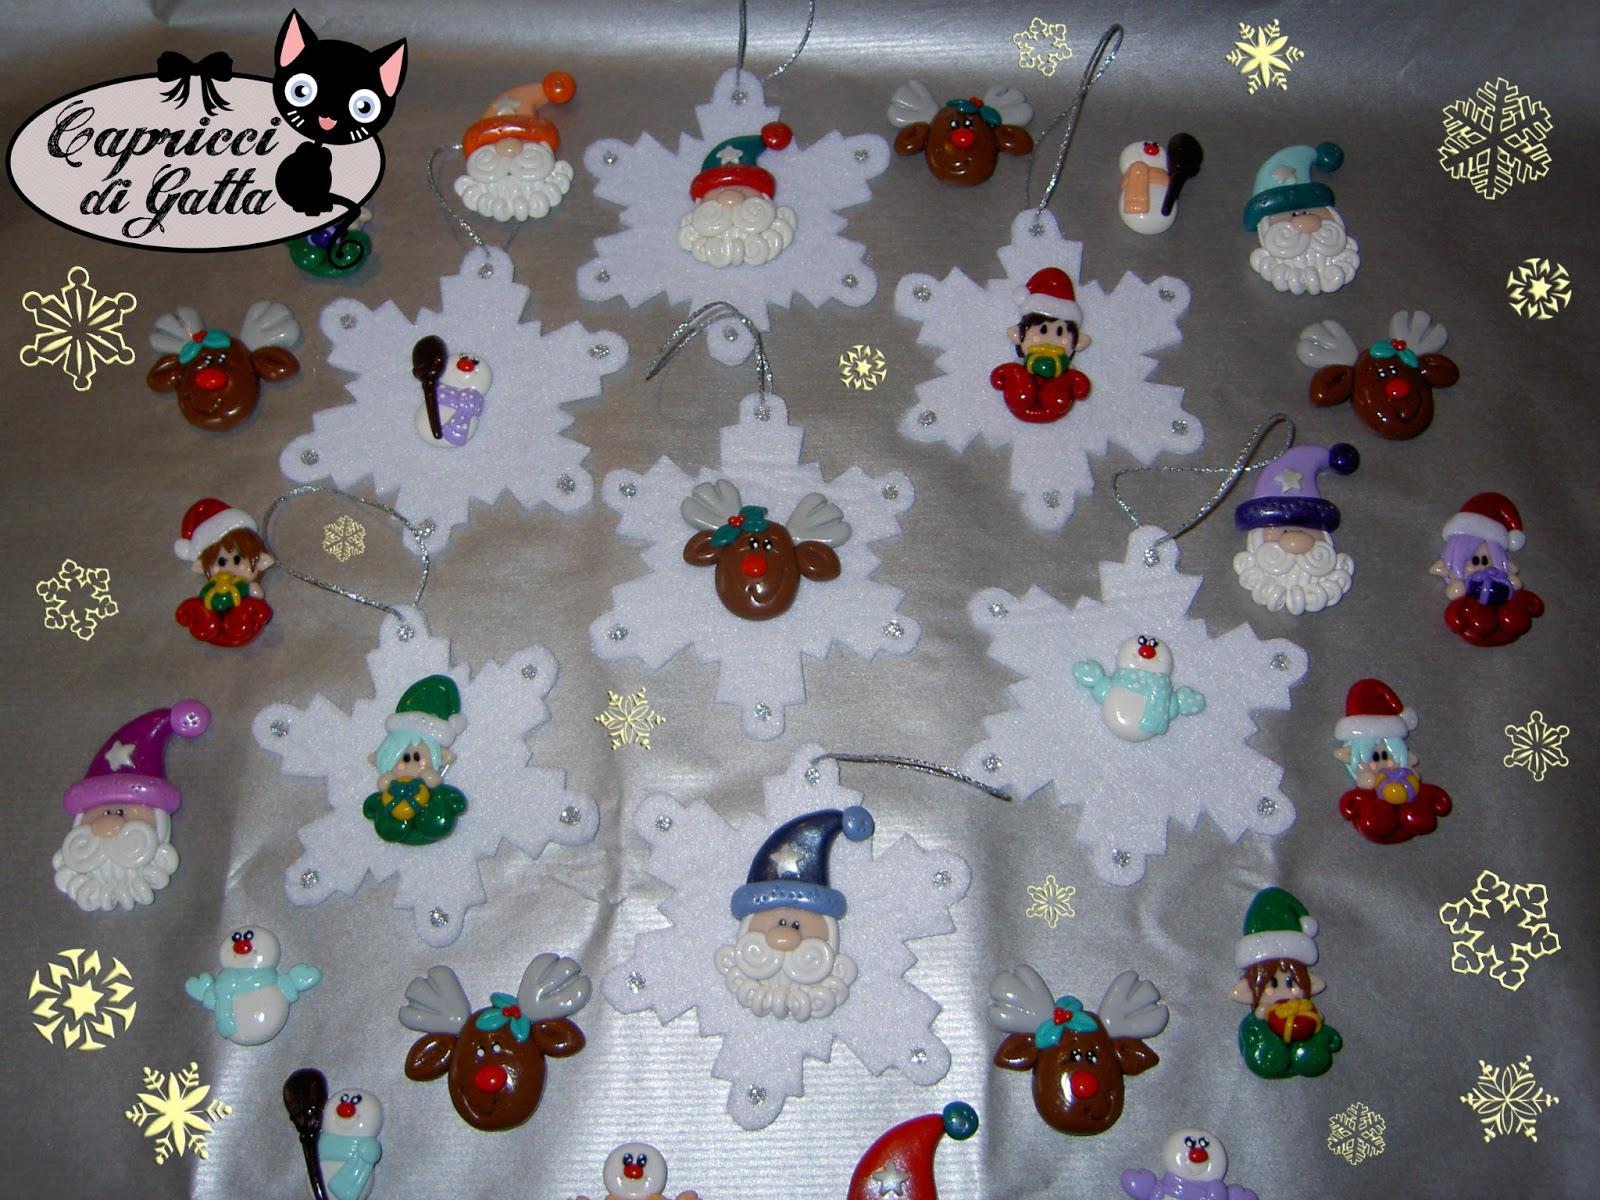 Conosciuto Capricci di Gatta: Originali decorazioni per l'albero di Natale BC28